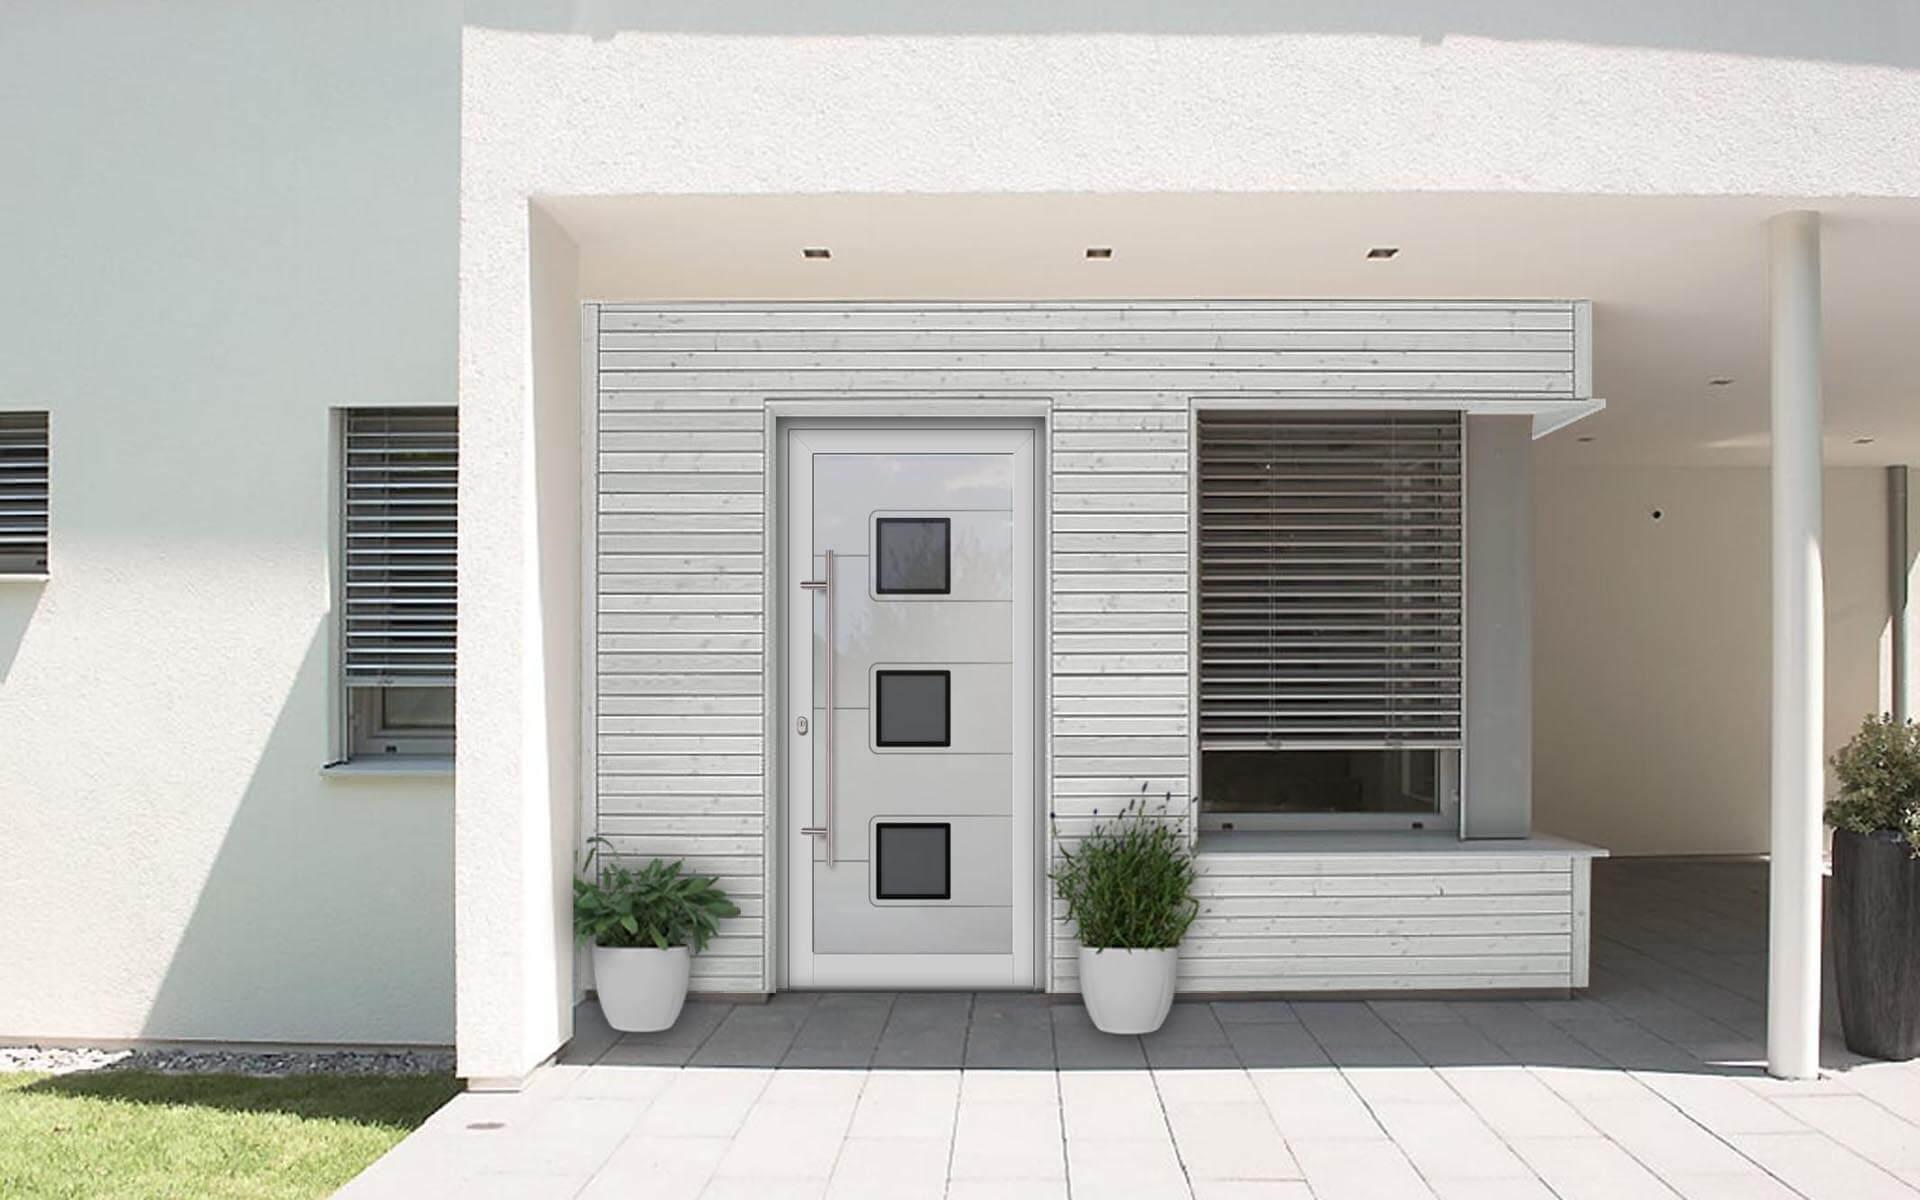 Hliníkové vchodové dvere s odolnou výplňou s dilatačným jadrom v bielej farbe